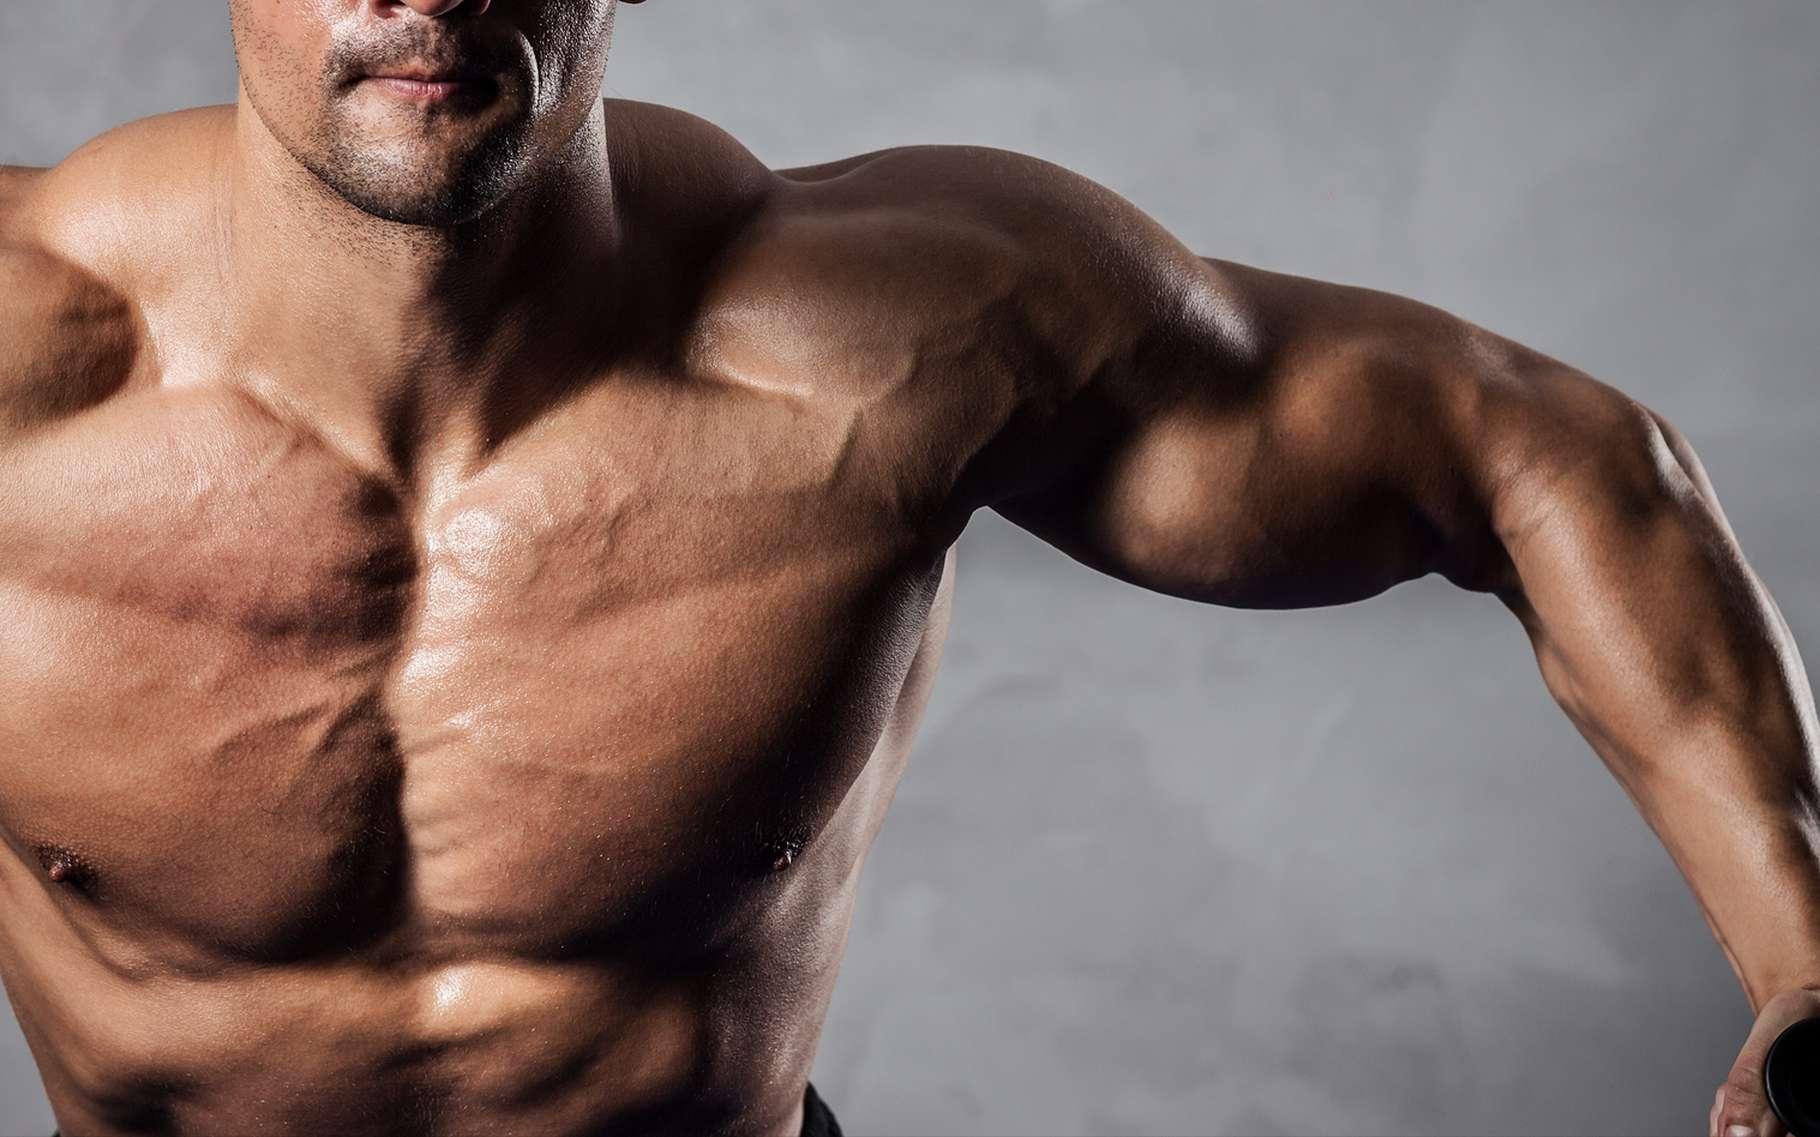 Certains sportifs prennent des compléments de créatine pour augmenter leur masse musculaire… et leurs performances. © Syda Productions, Shutterstock